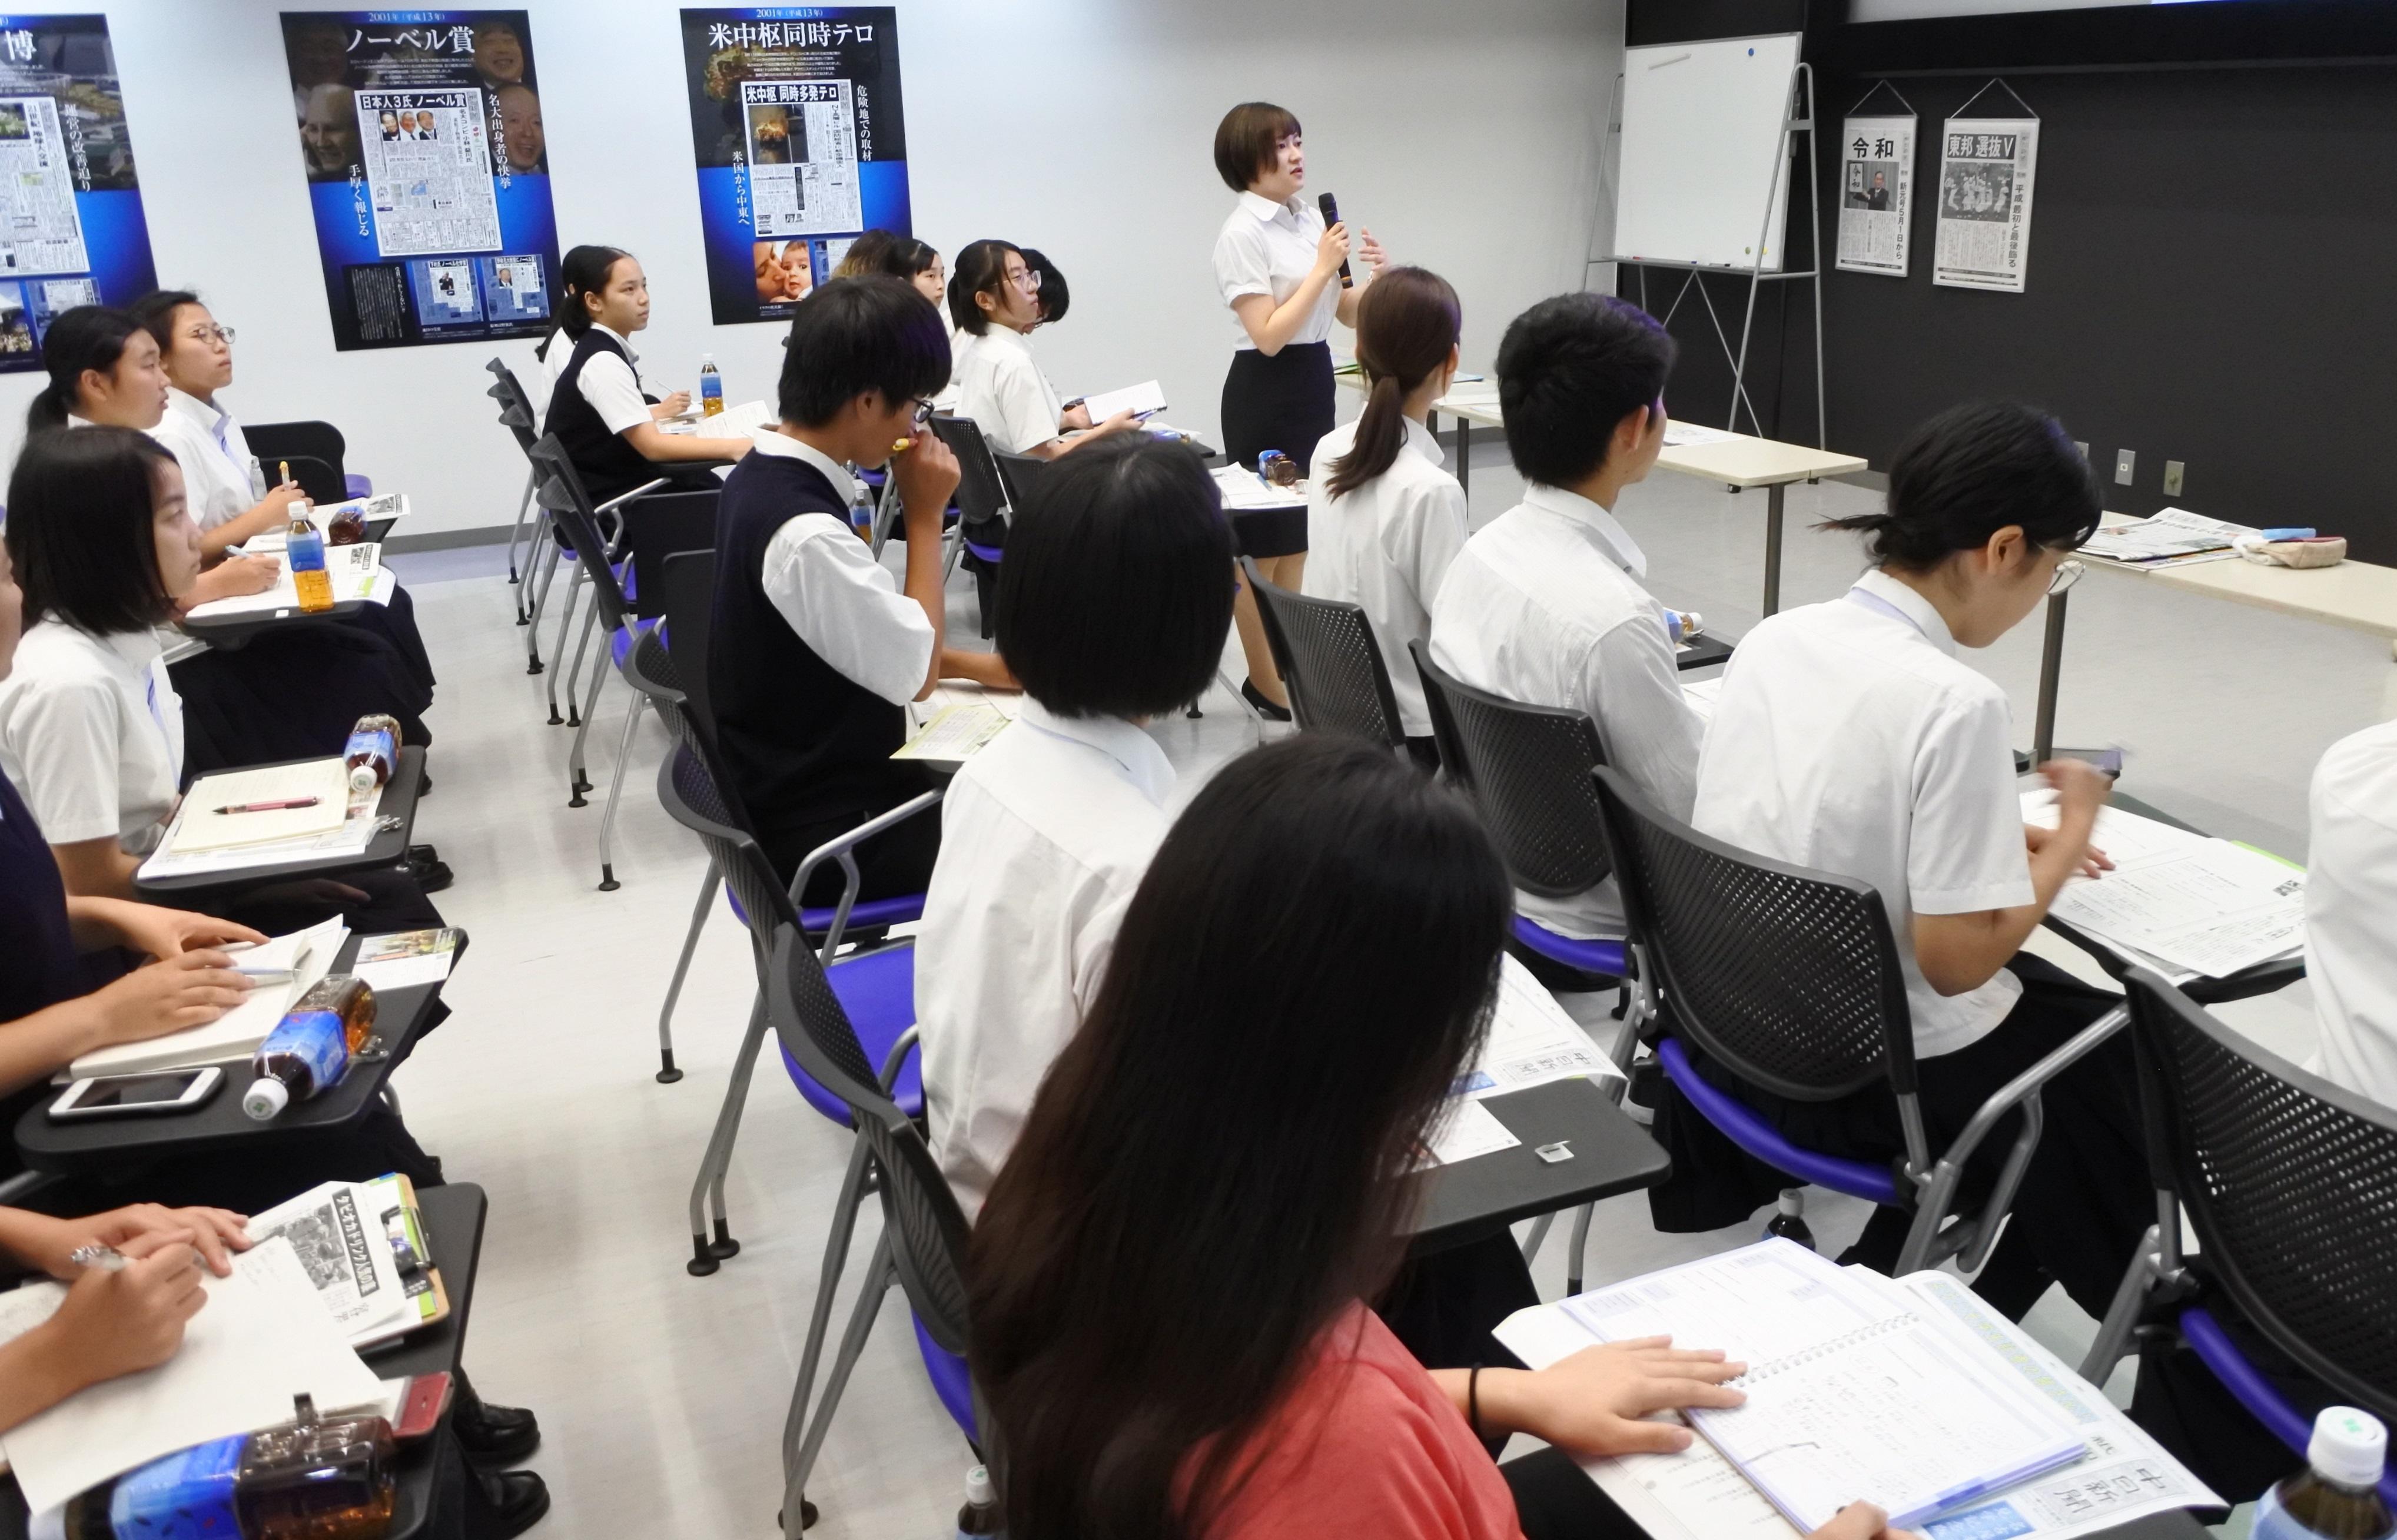 質問する森川明香さん(外国語学部3年)